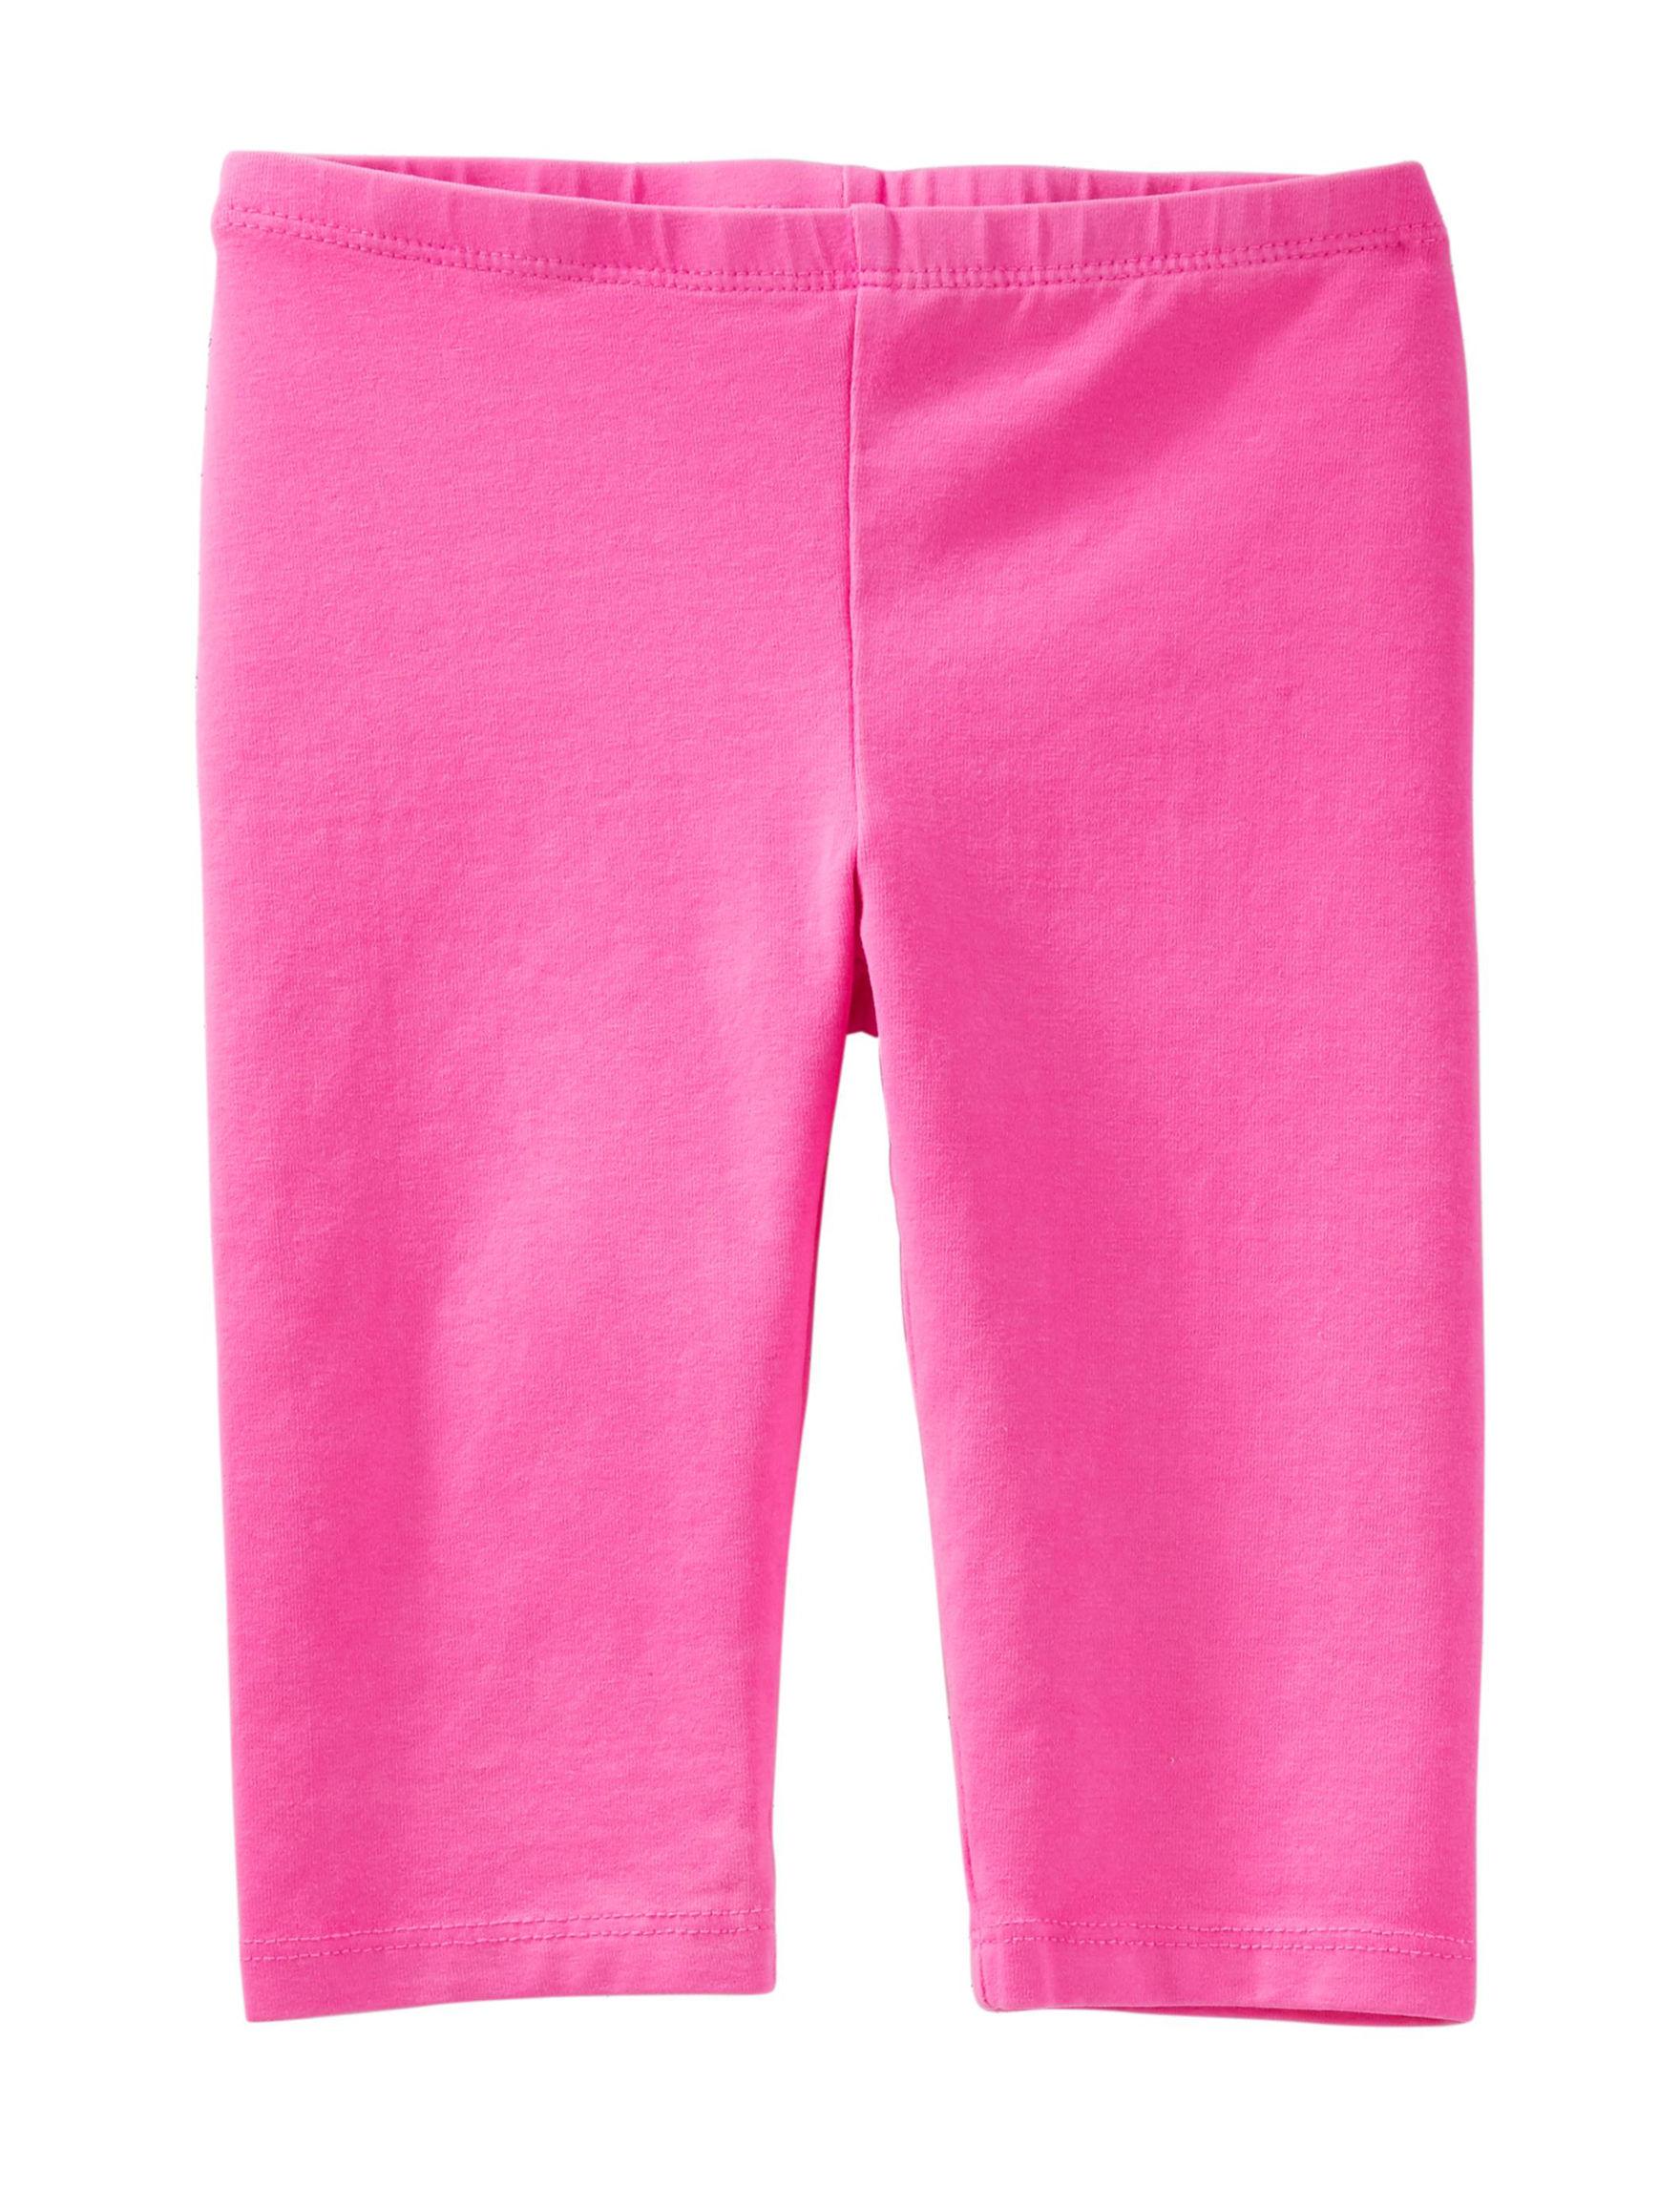 Oshkosh B'Gosh Pink Leggings